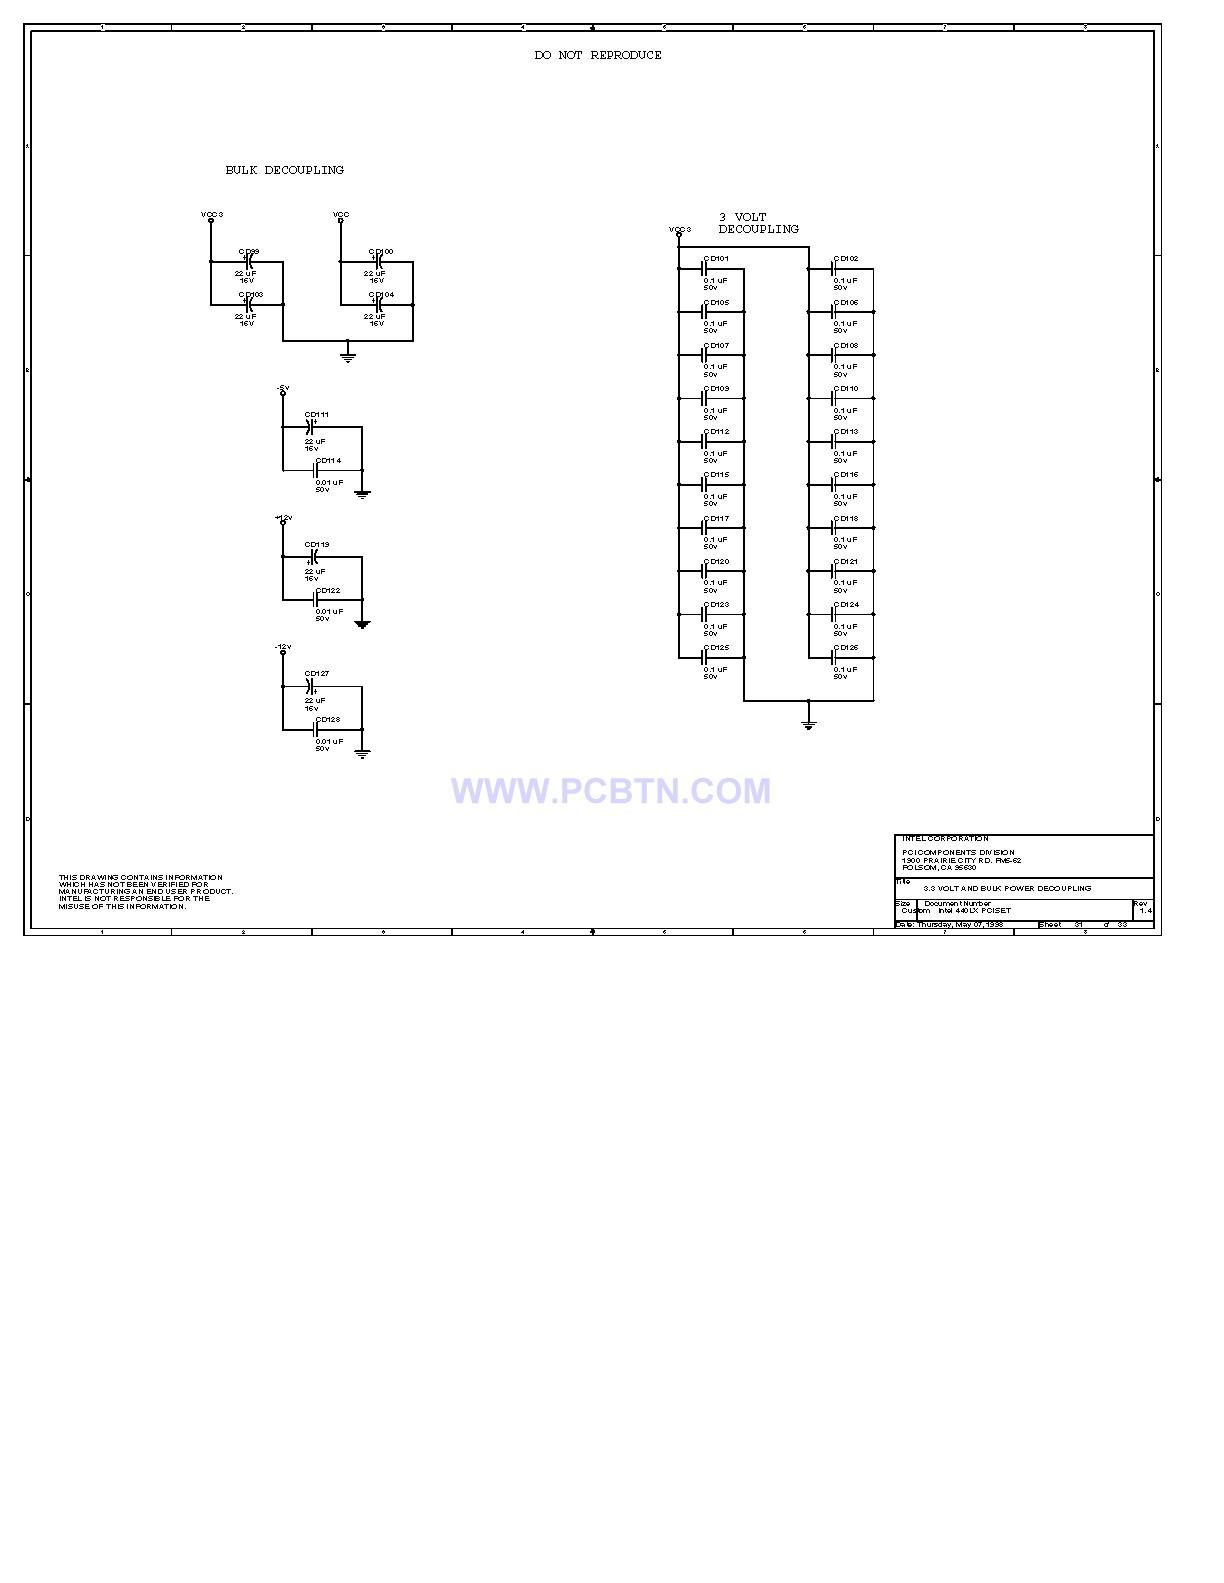 电脑主板设计图440LX2[_]31